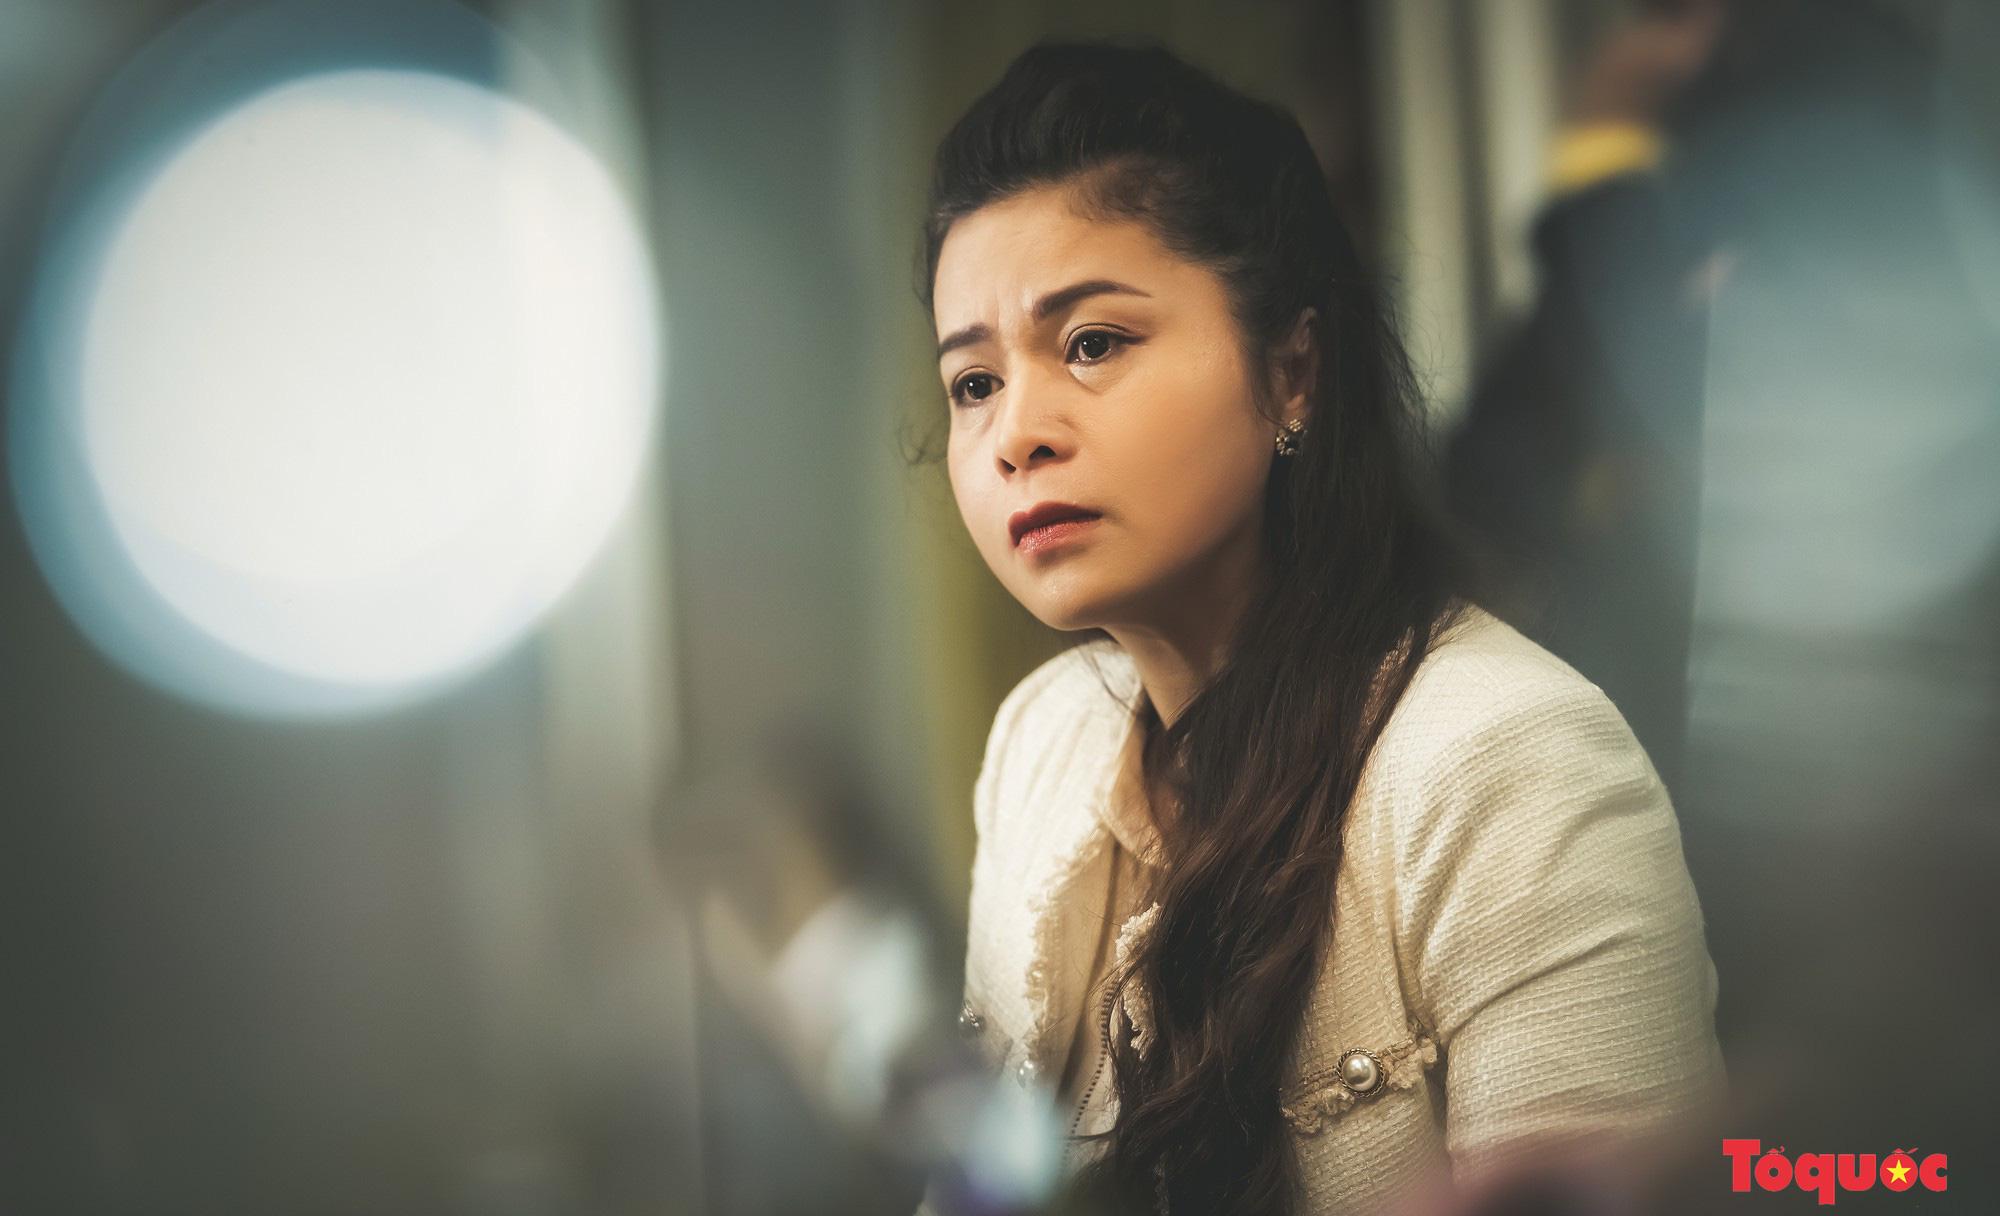 Bà Lê Hoàng Diệp Thảo: Tôi không muốn ly hôn - Ảnh 5.